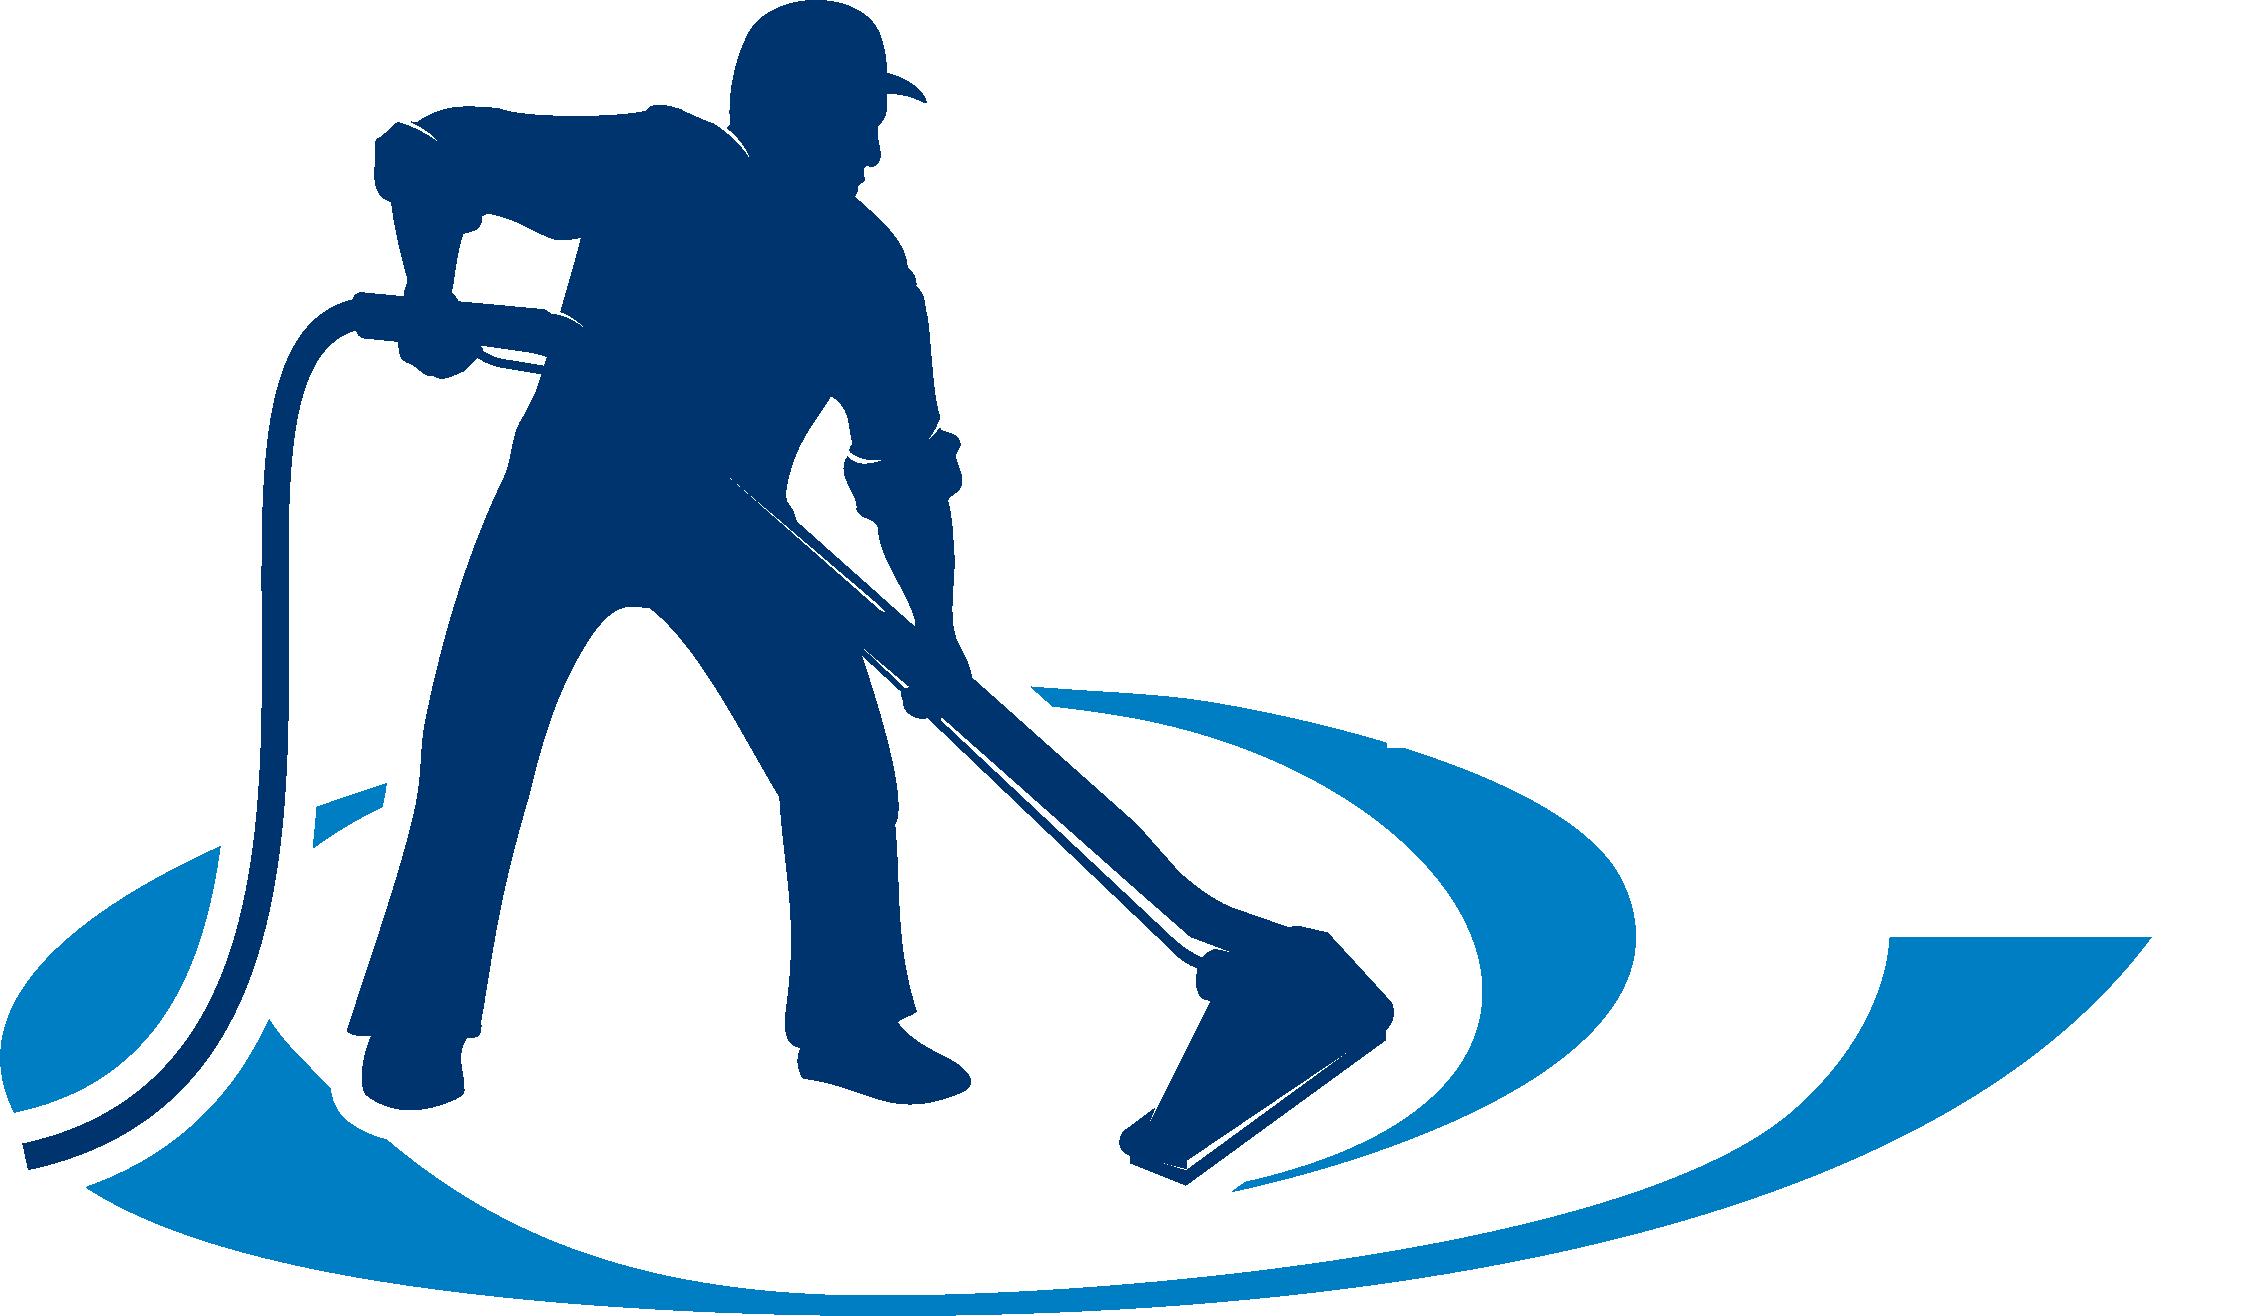 logo-prt-1